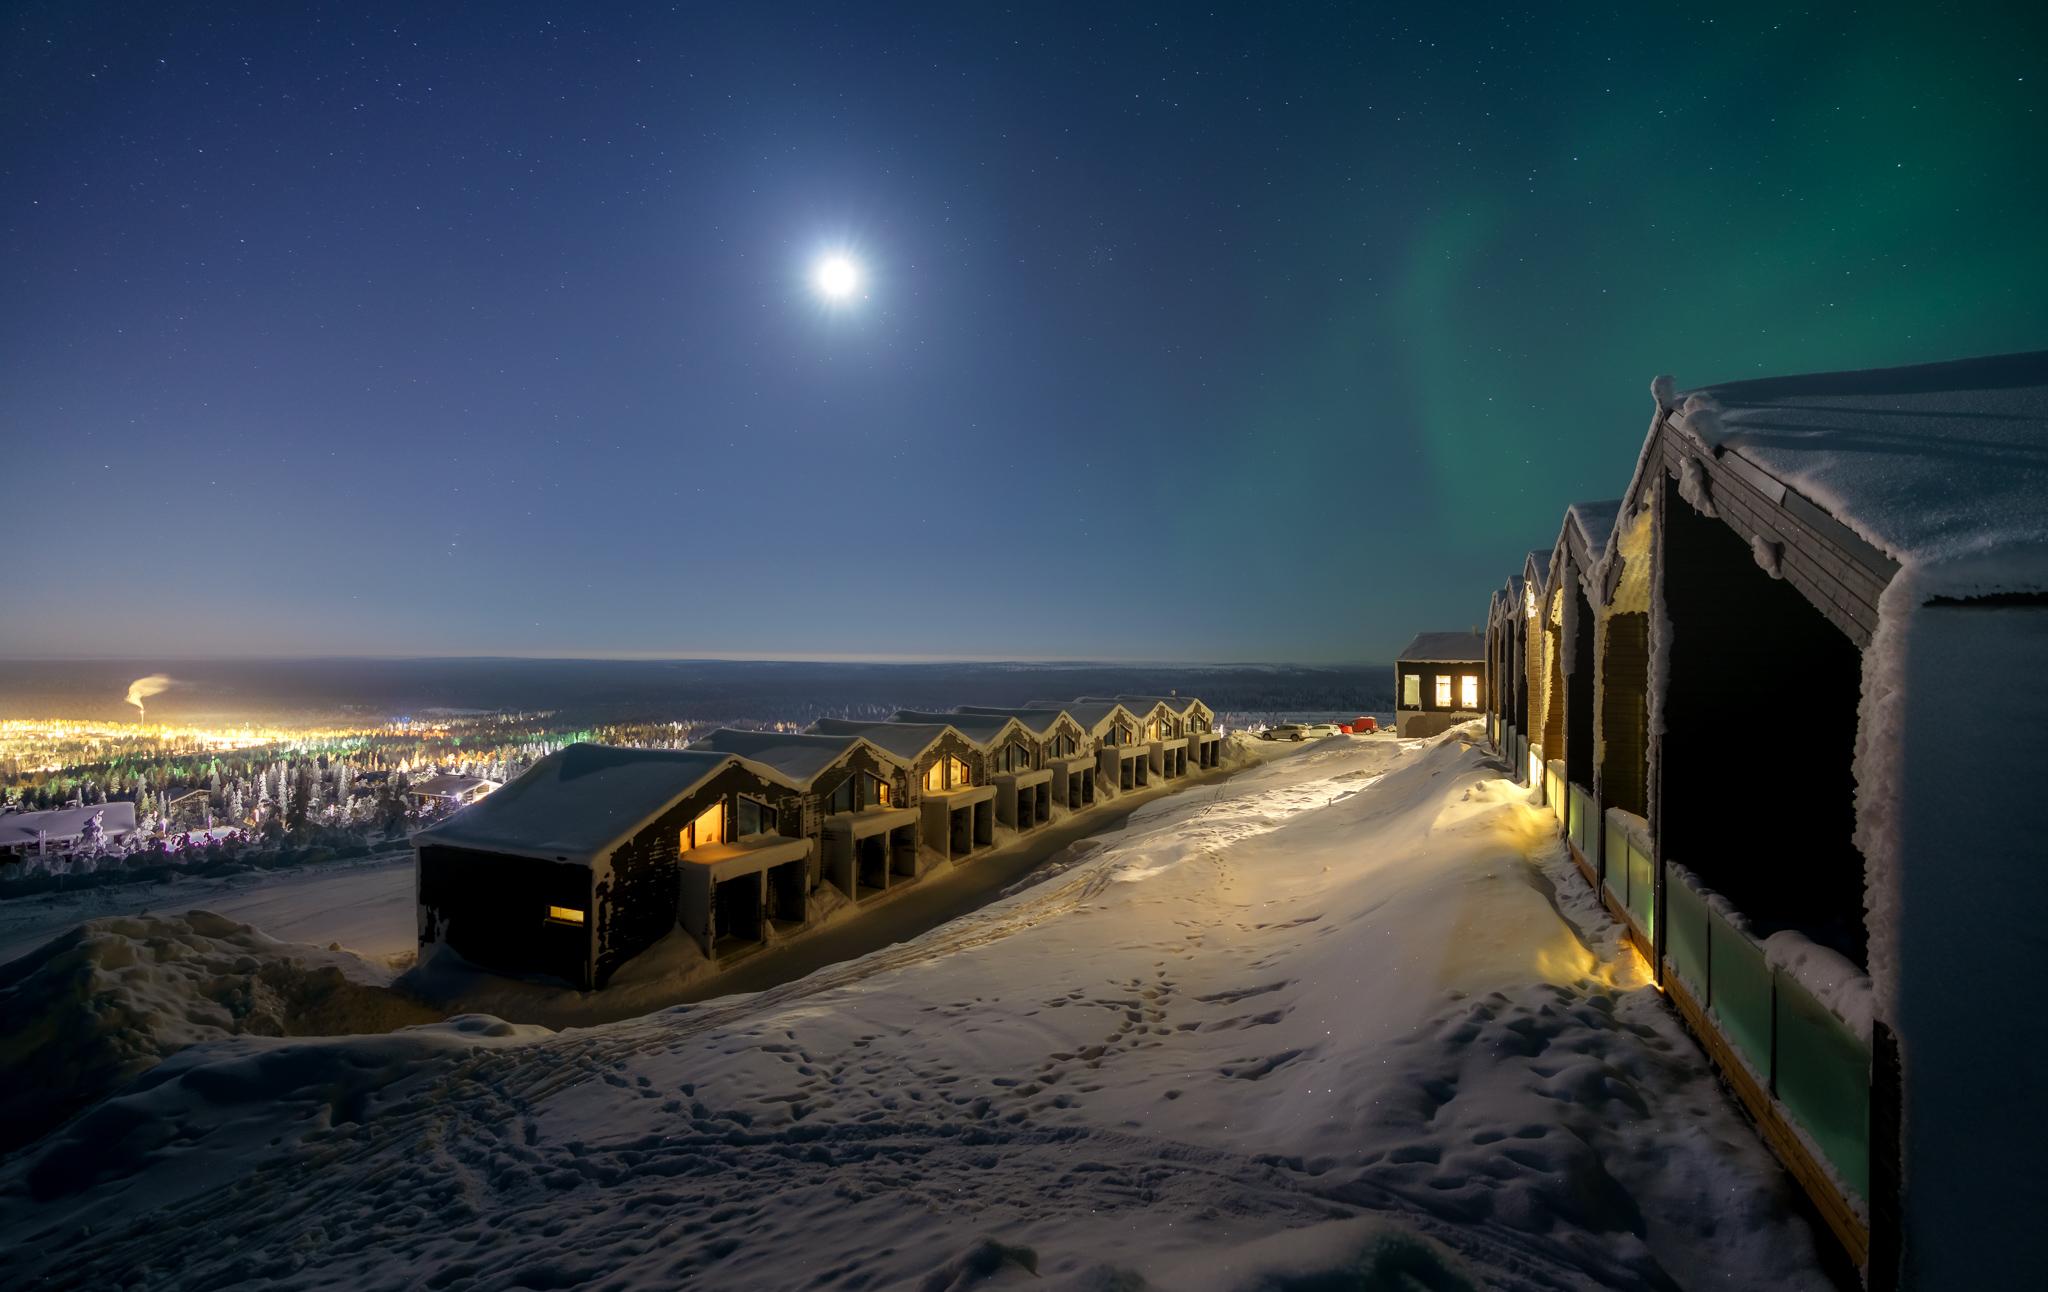 Santa's Star Arctic Hotel - Exterior view at night